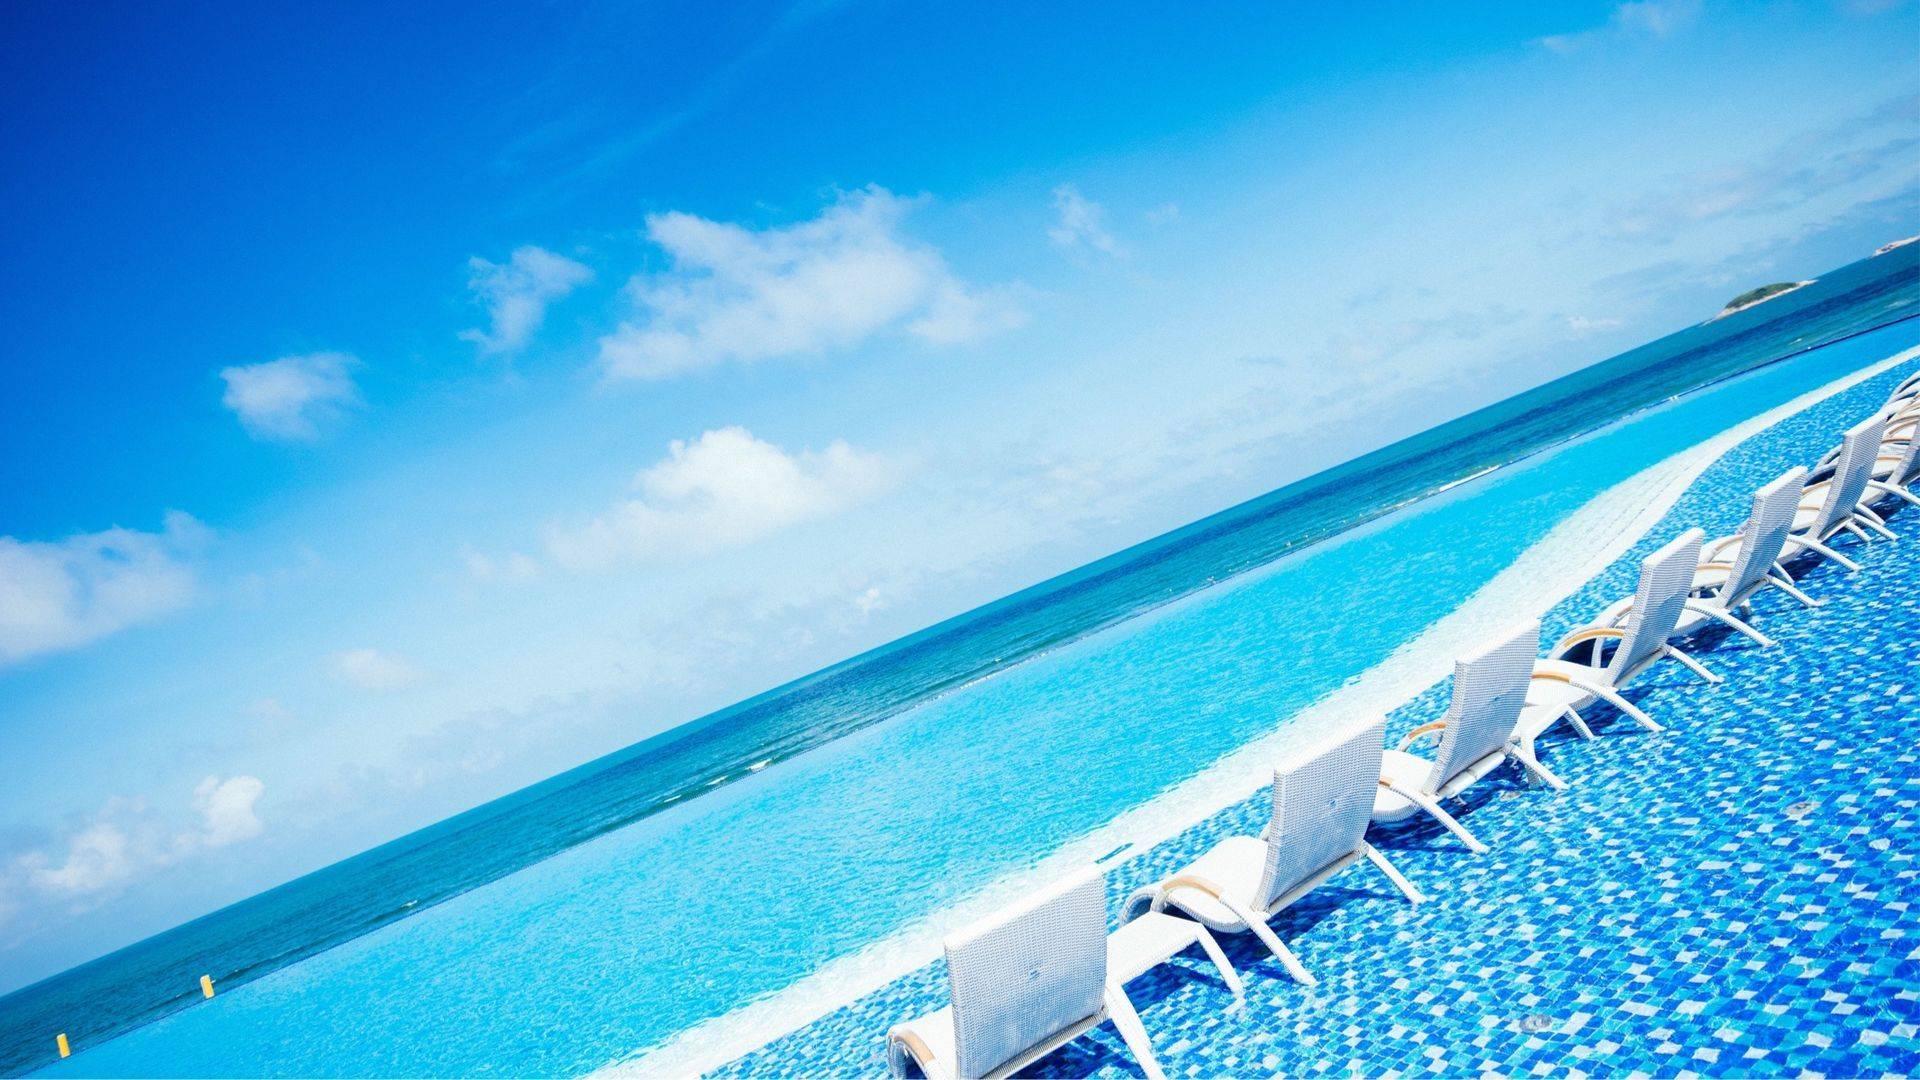 愈发向往蓝天大海 想去海边浪,放肆玩水 想去看抖音上漂亮的大海(小姐